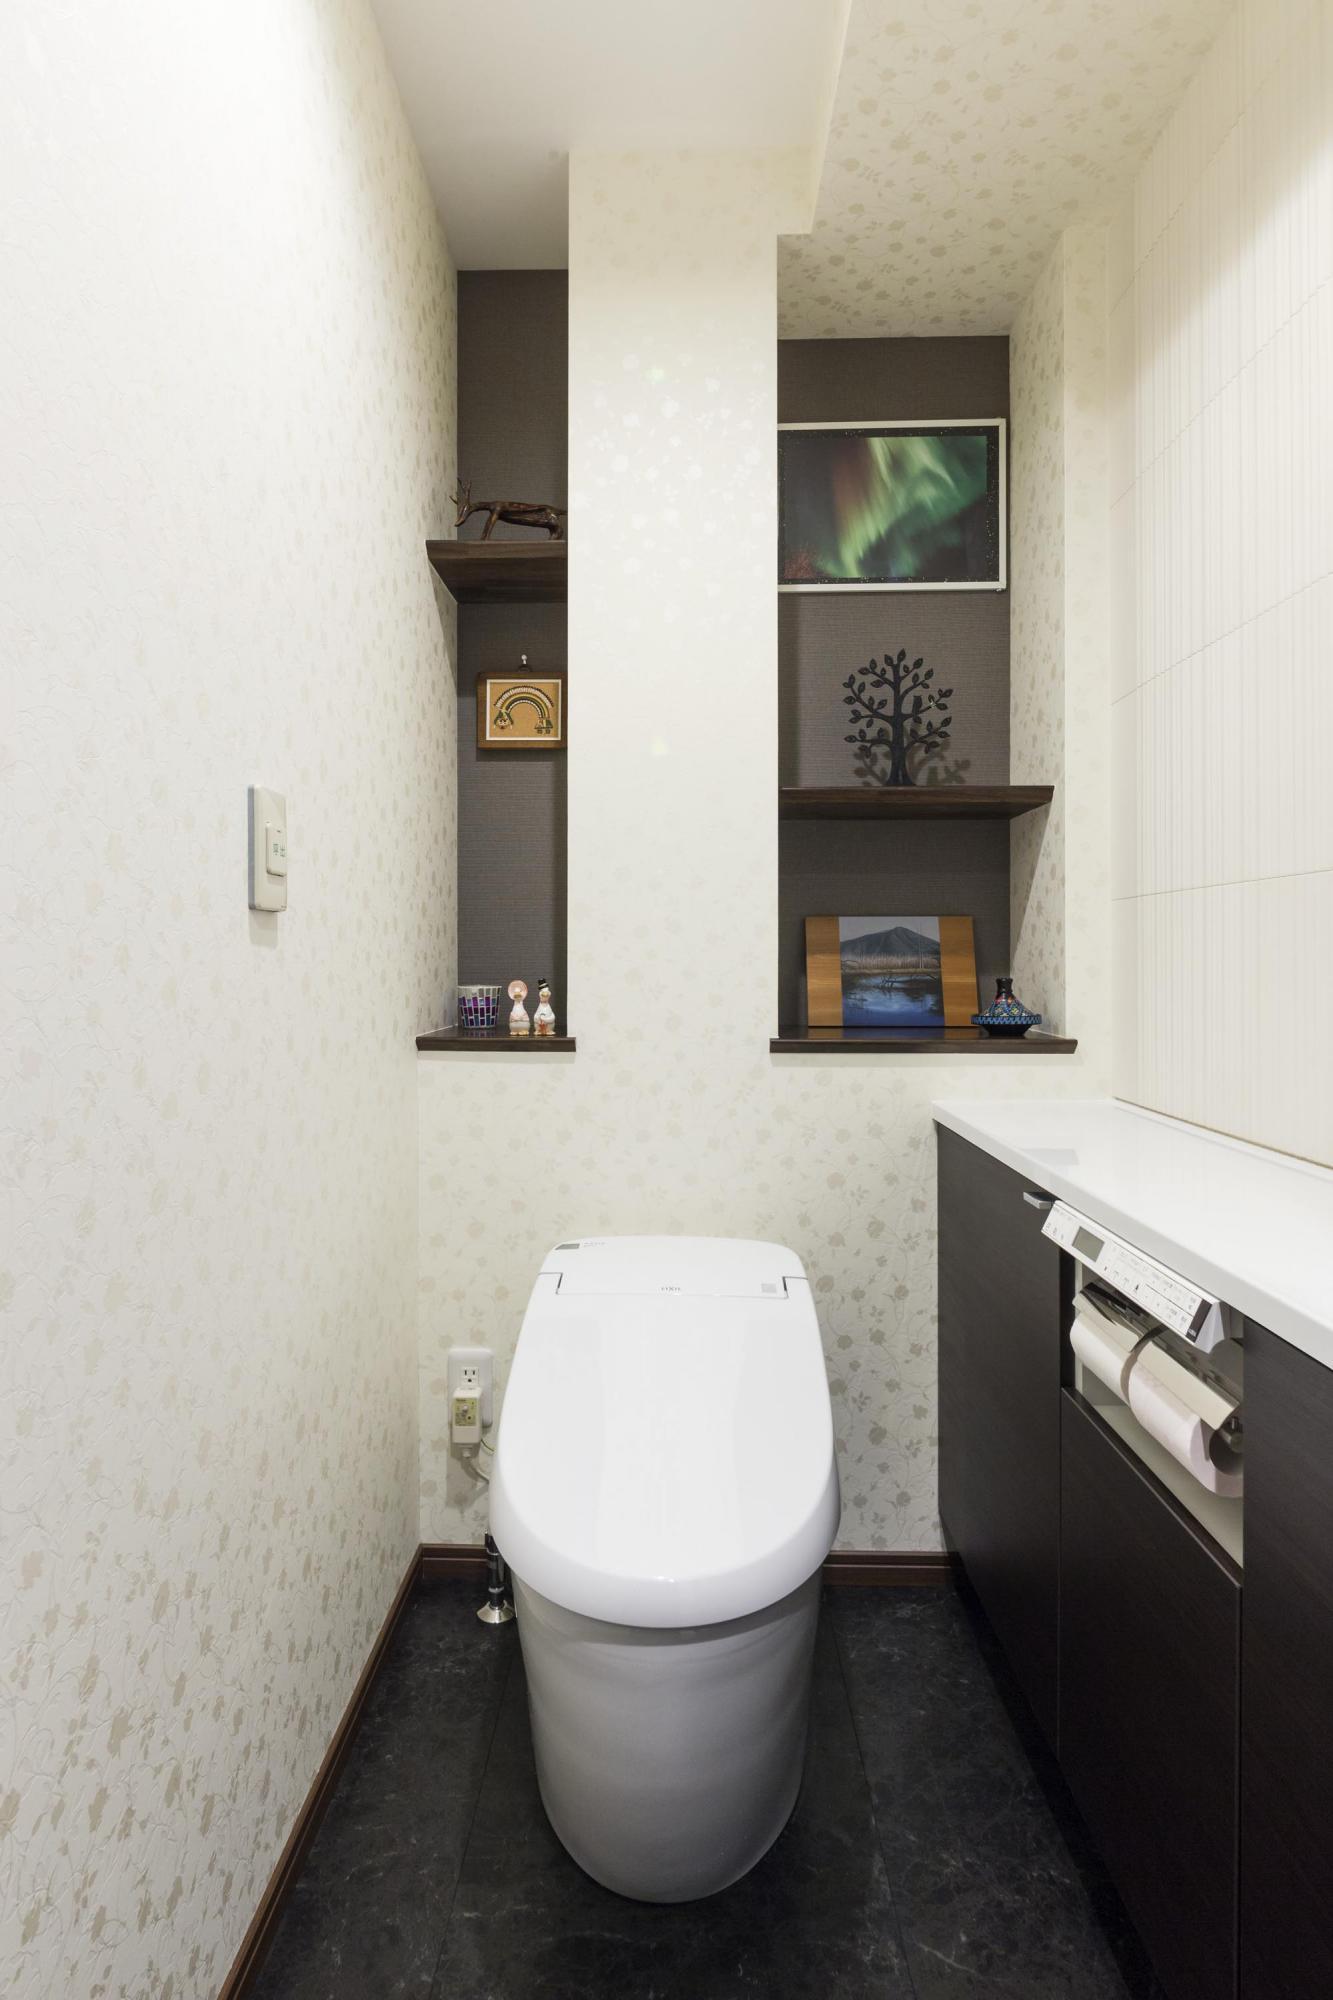 より広くなり、収納と手洗いカウンターも新たに備えたトイレ。カウンター上部にはエコカラットを張り、心地よい空間にした。